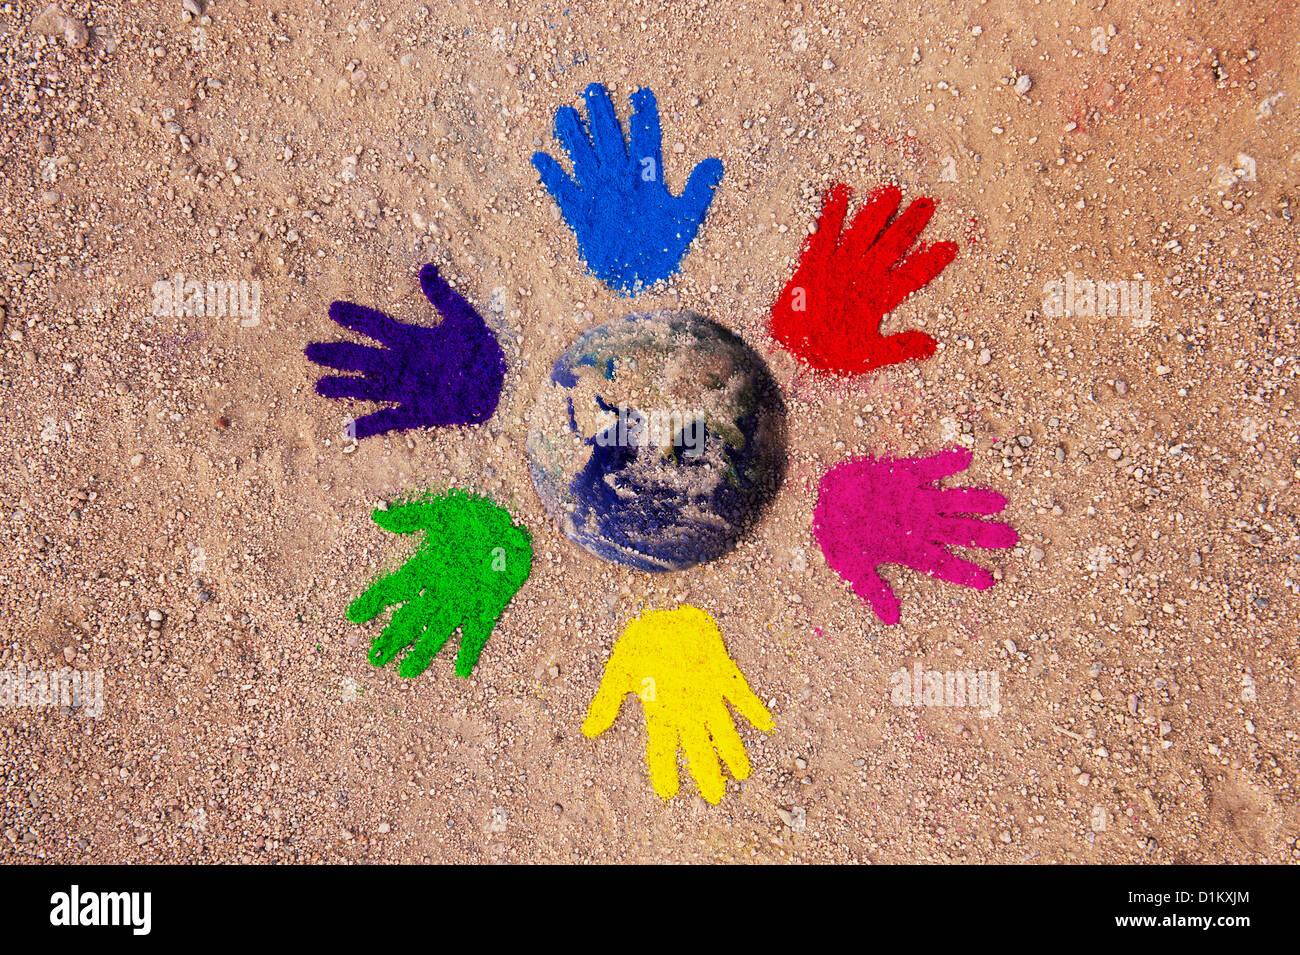 Farbpulver Handabdrücke in einem kreisförmigen Muster auf einem Feldweg mit der Erde, die in der Mitte Stockbild